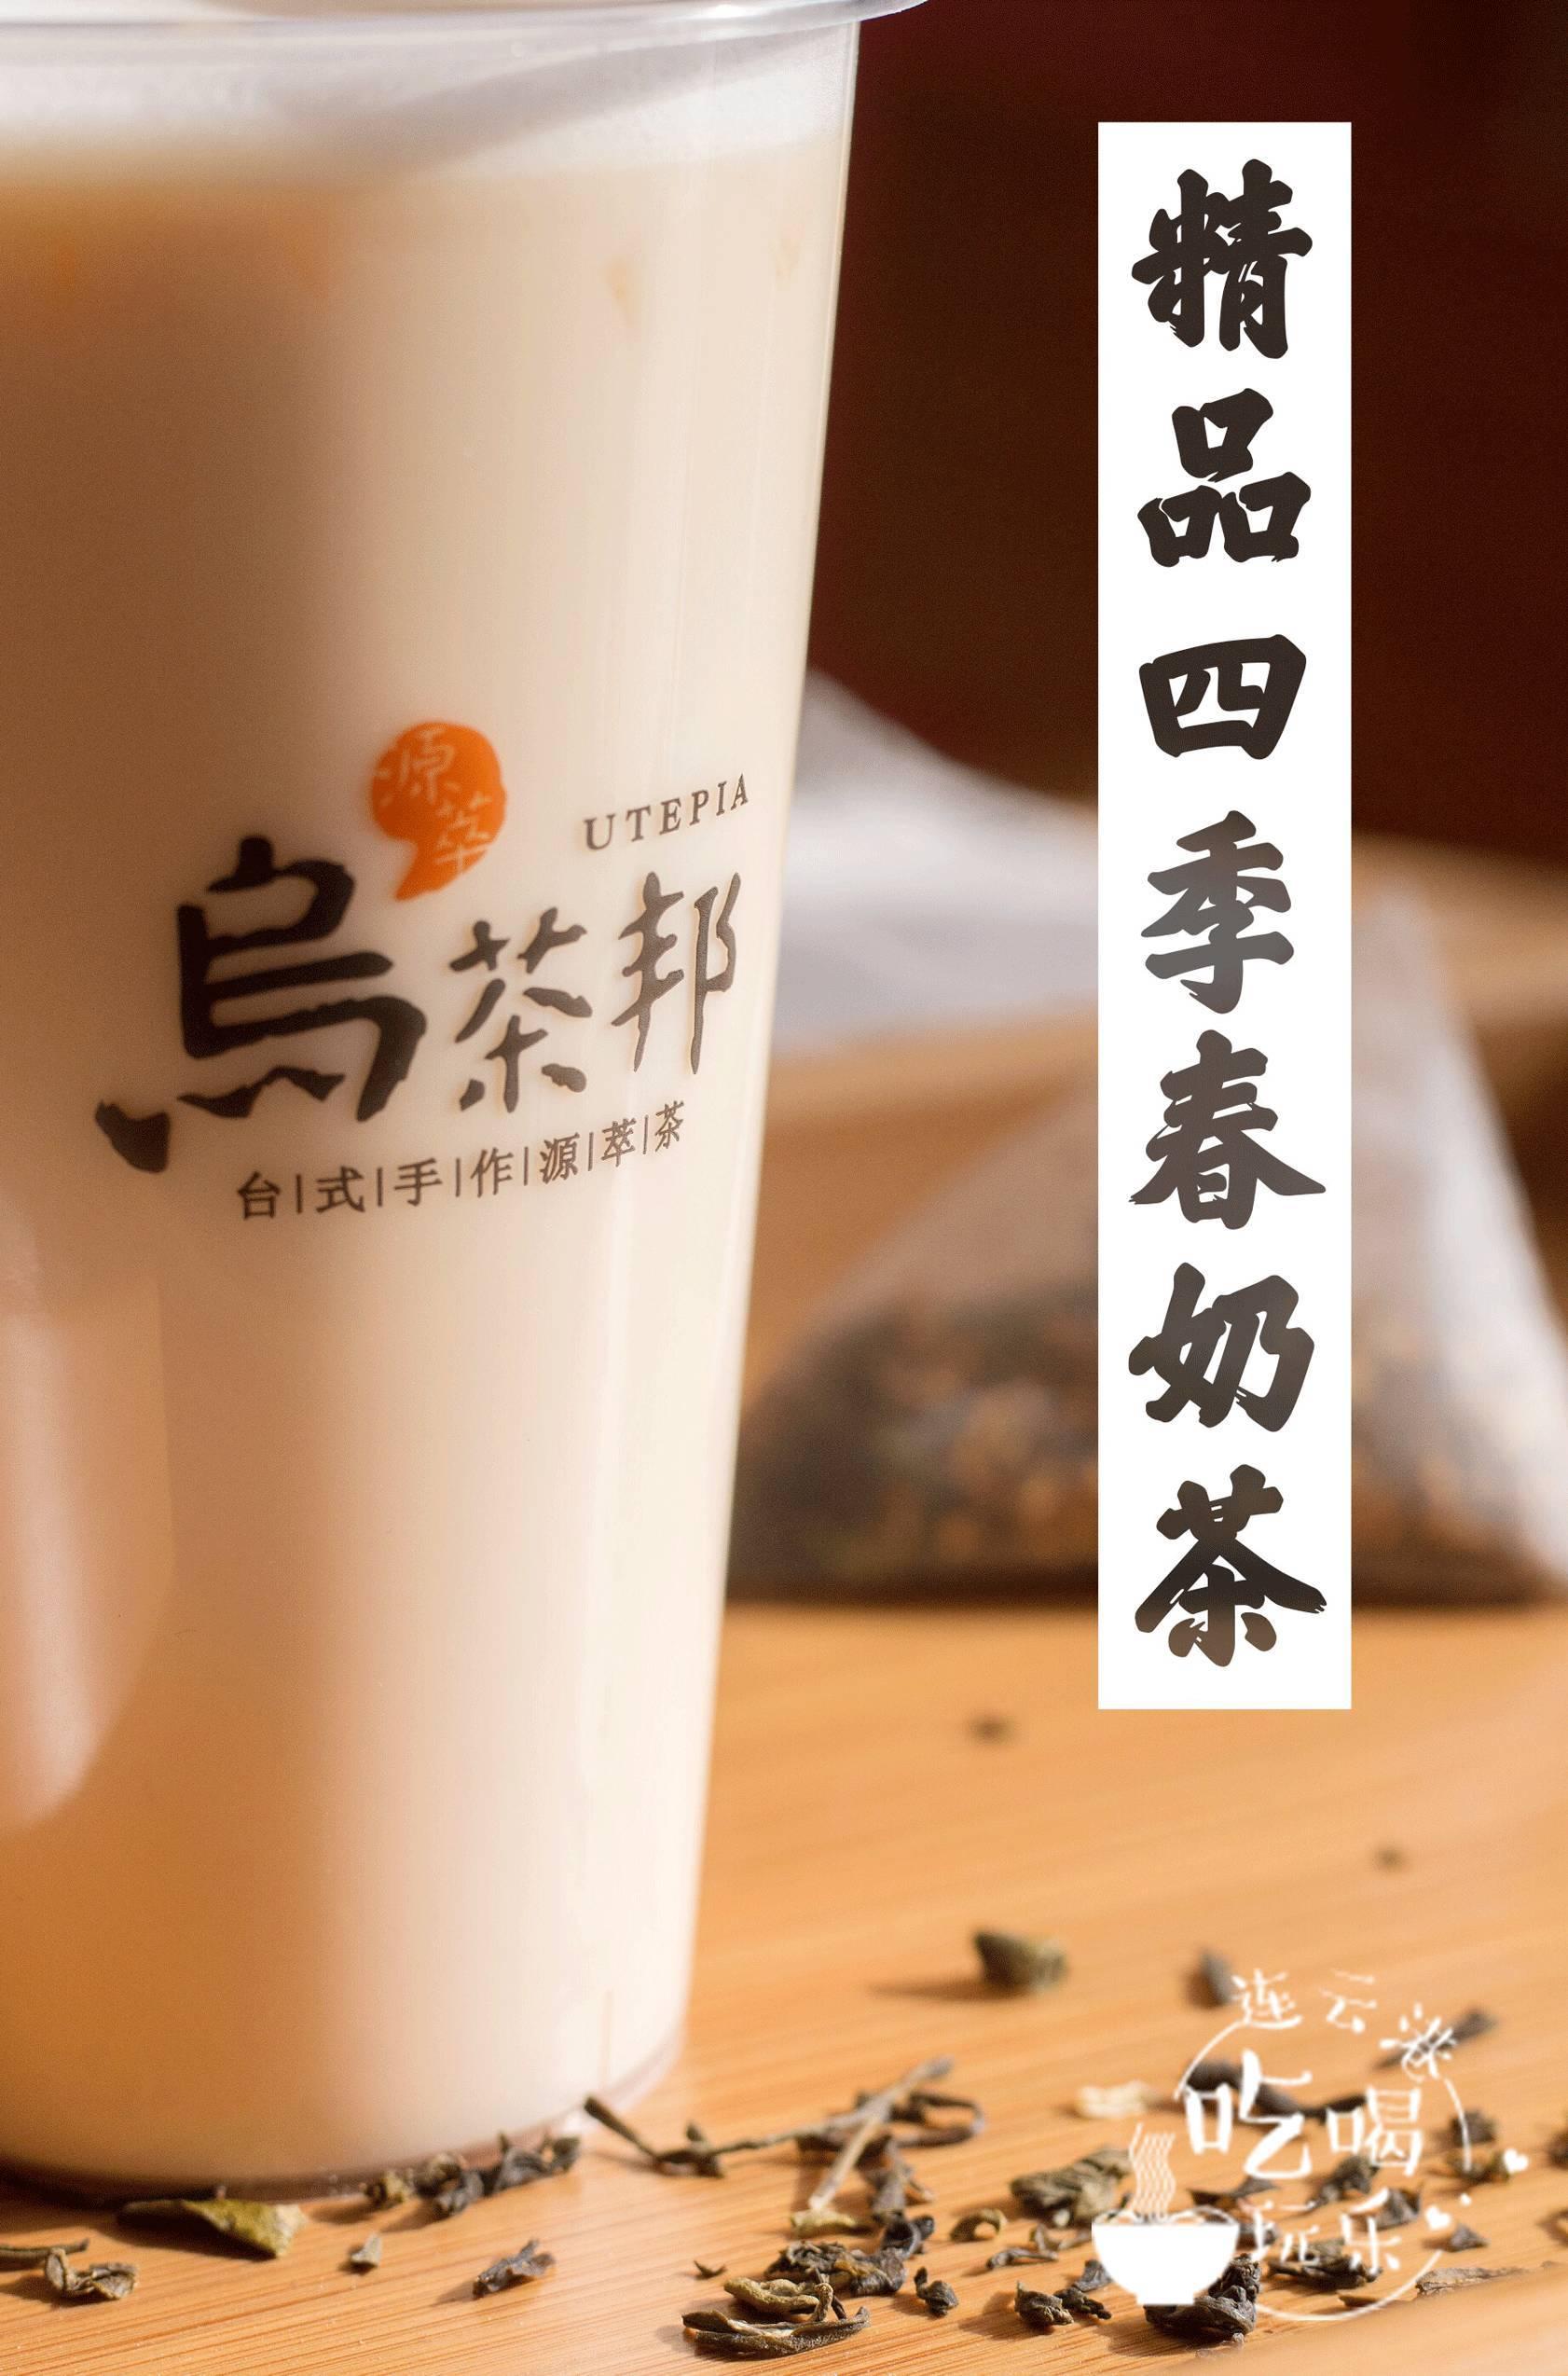 绿茶可以做奶茶吗?还可以用什么茶叶制作奶茶?-九州醉餐饮网